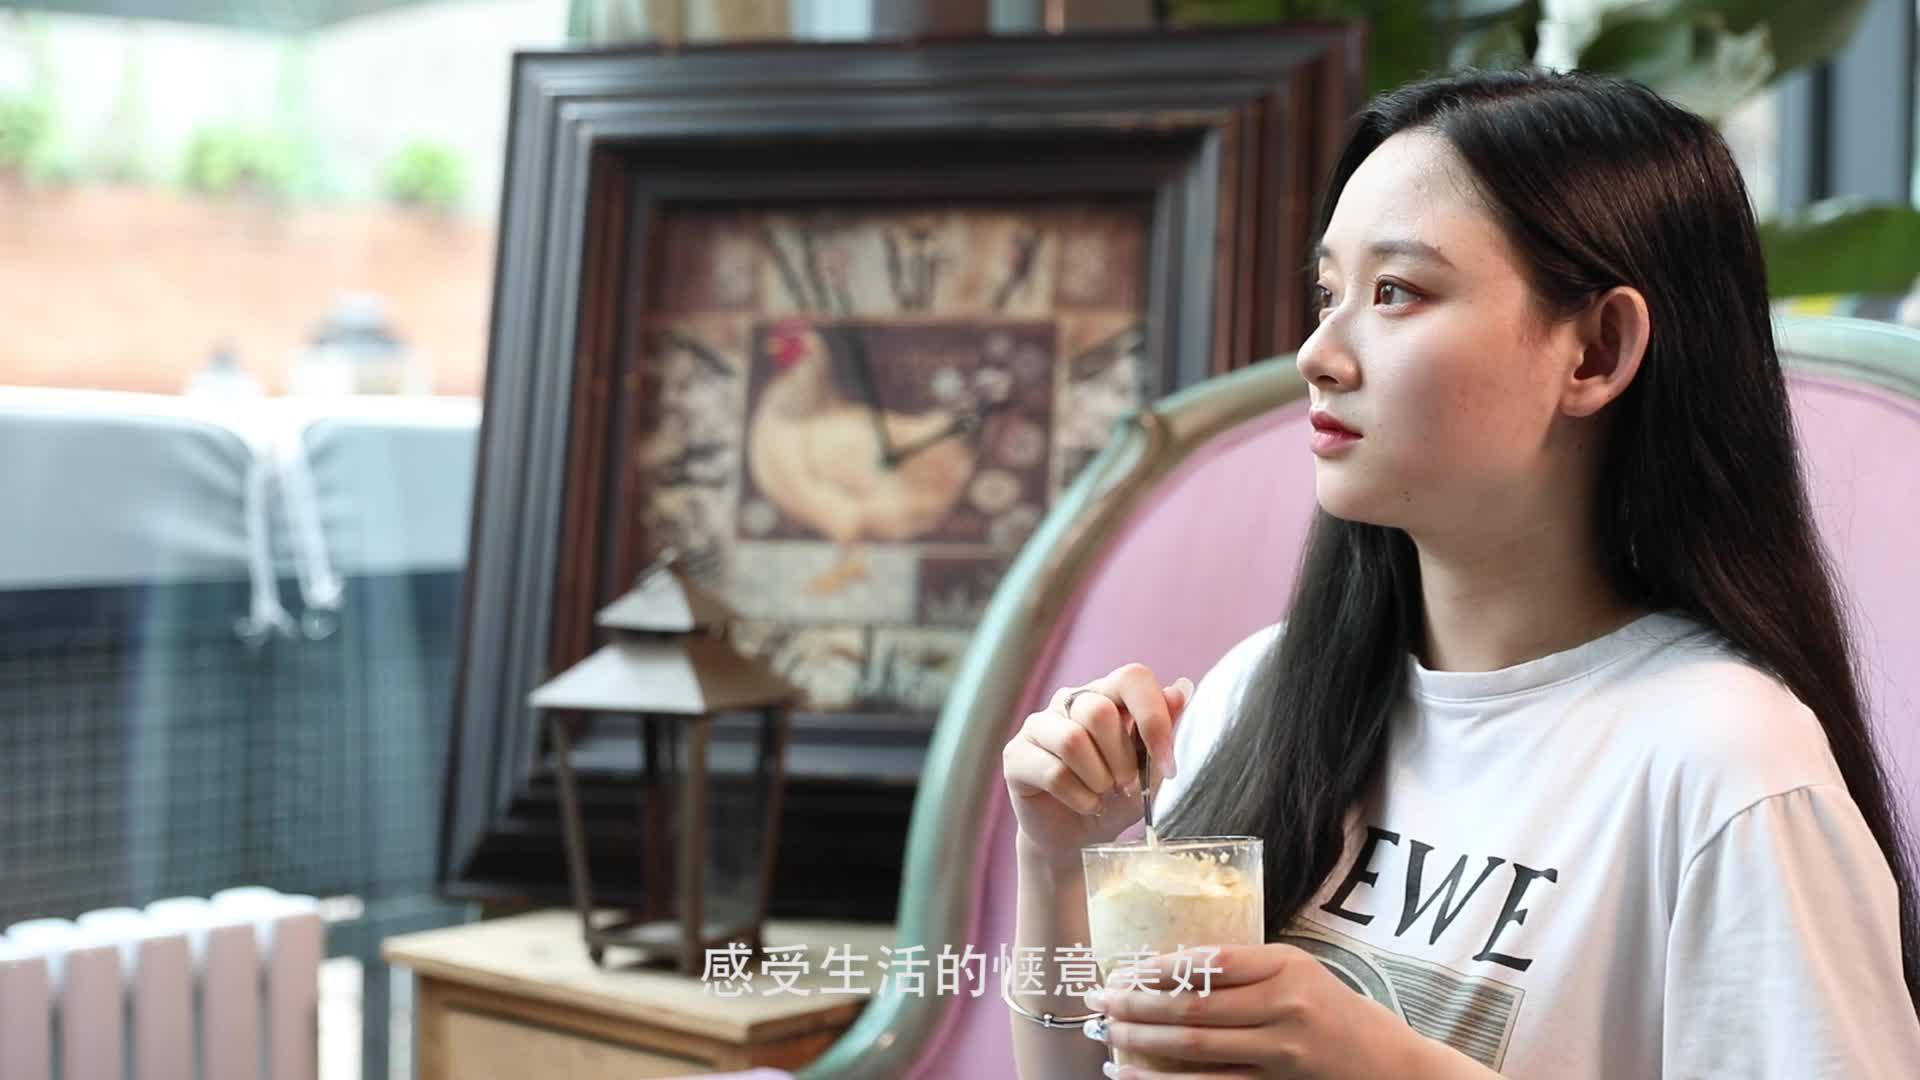 西影电影圈子24H color 咖啡·民宿 体验别样的艺术生活!